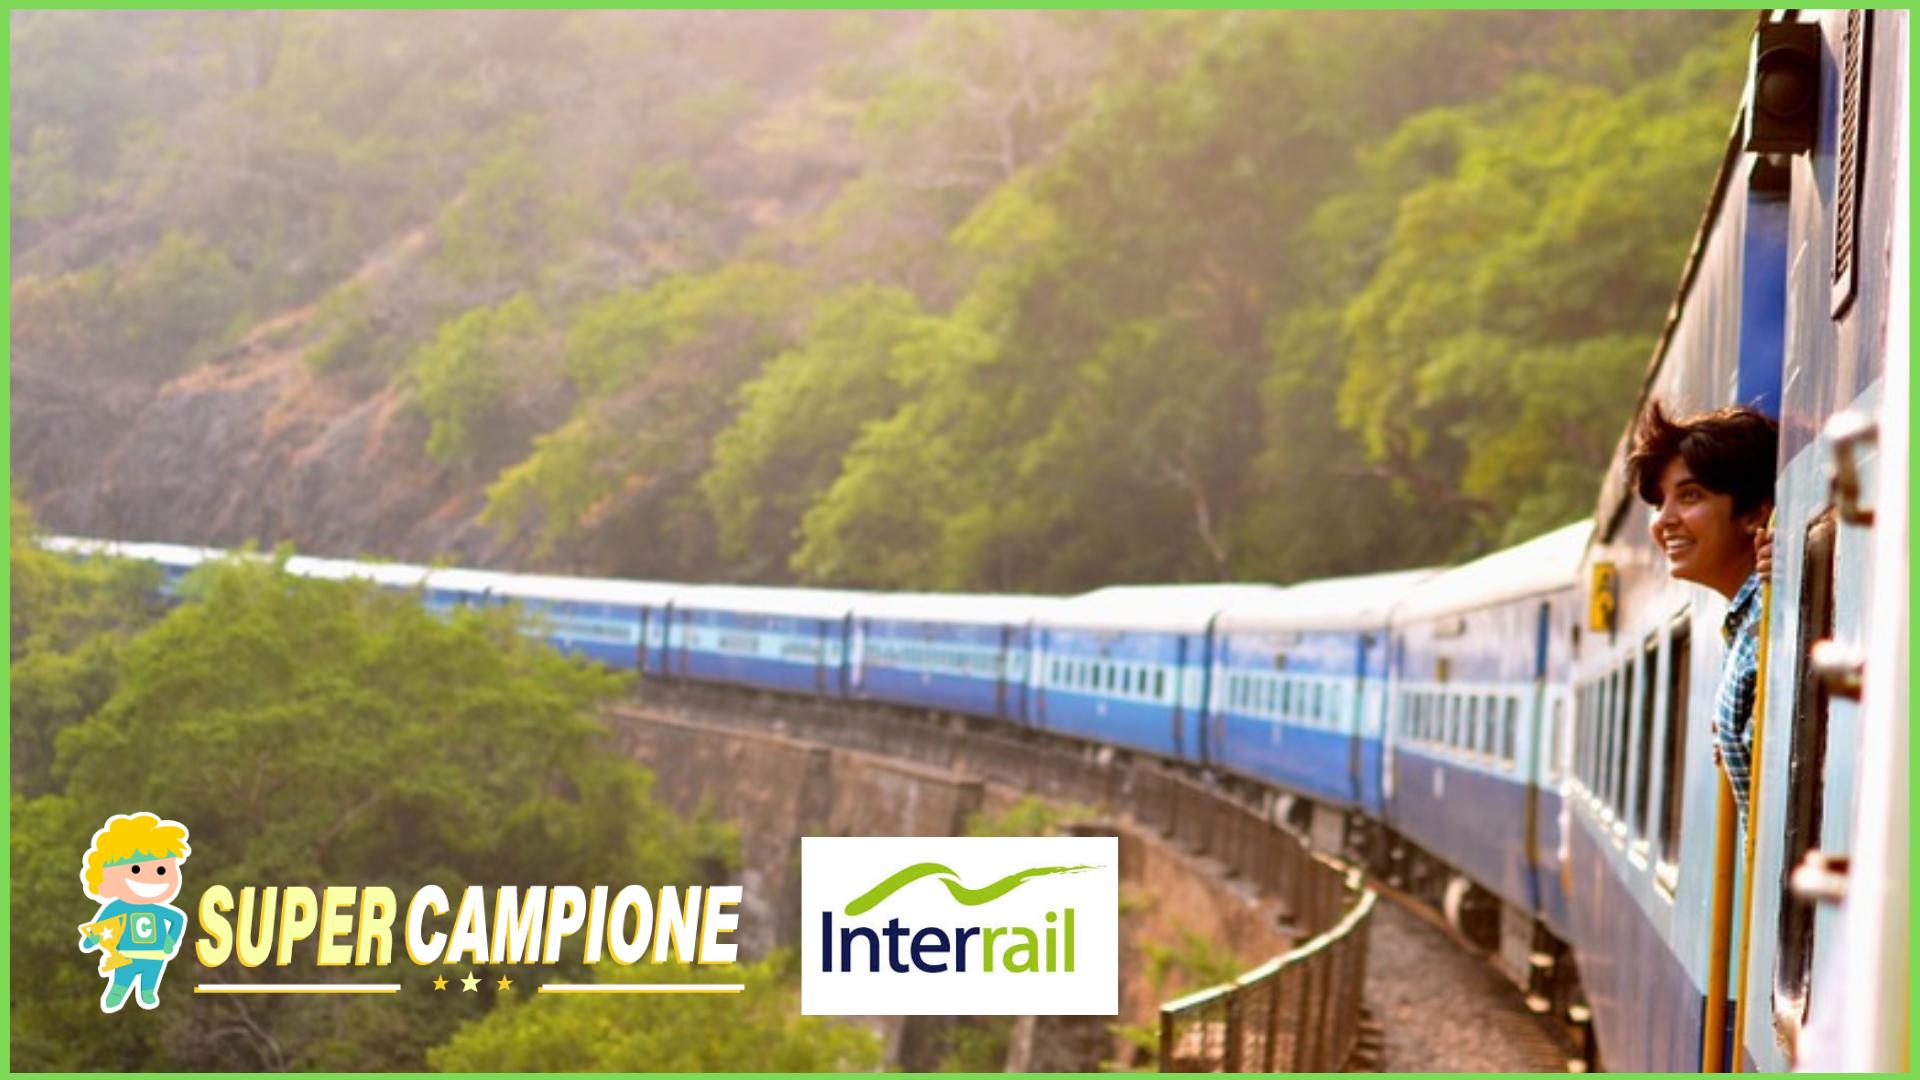 Vinci gratis 2 biglietti Interrail per girare l'Europa